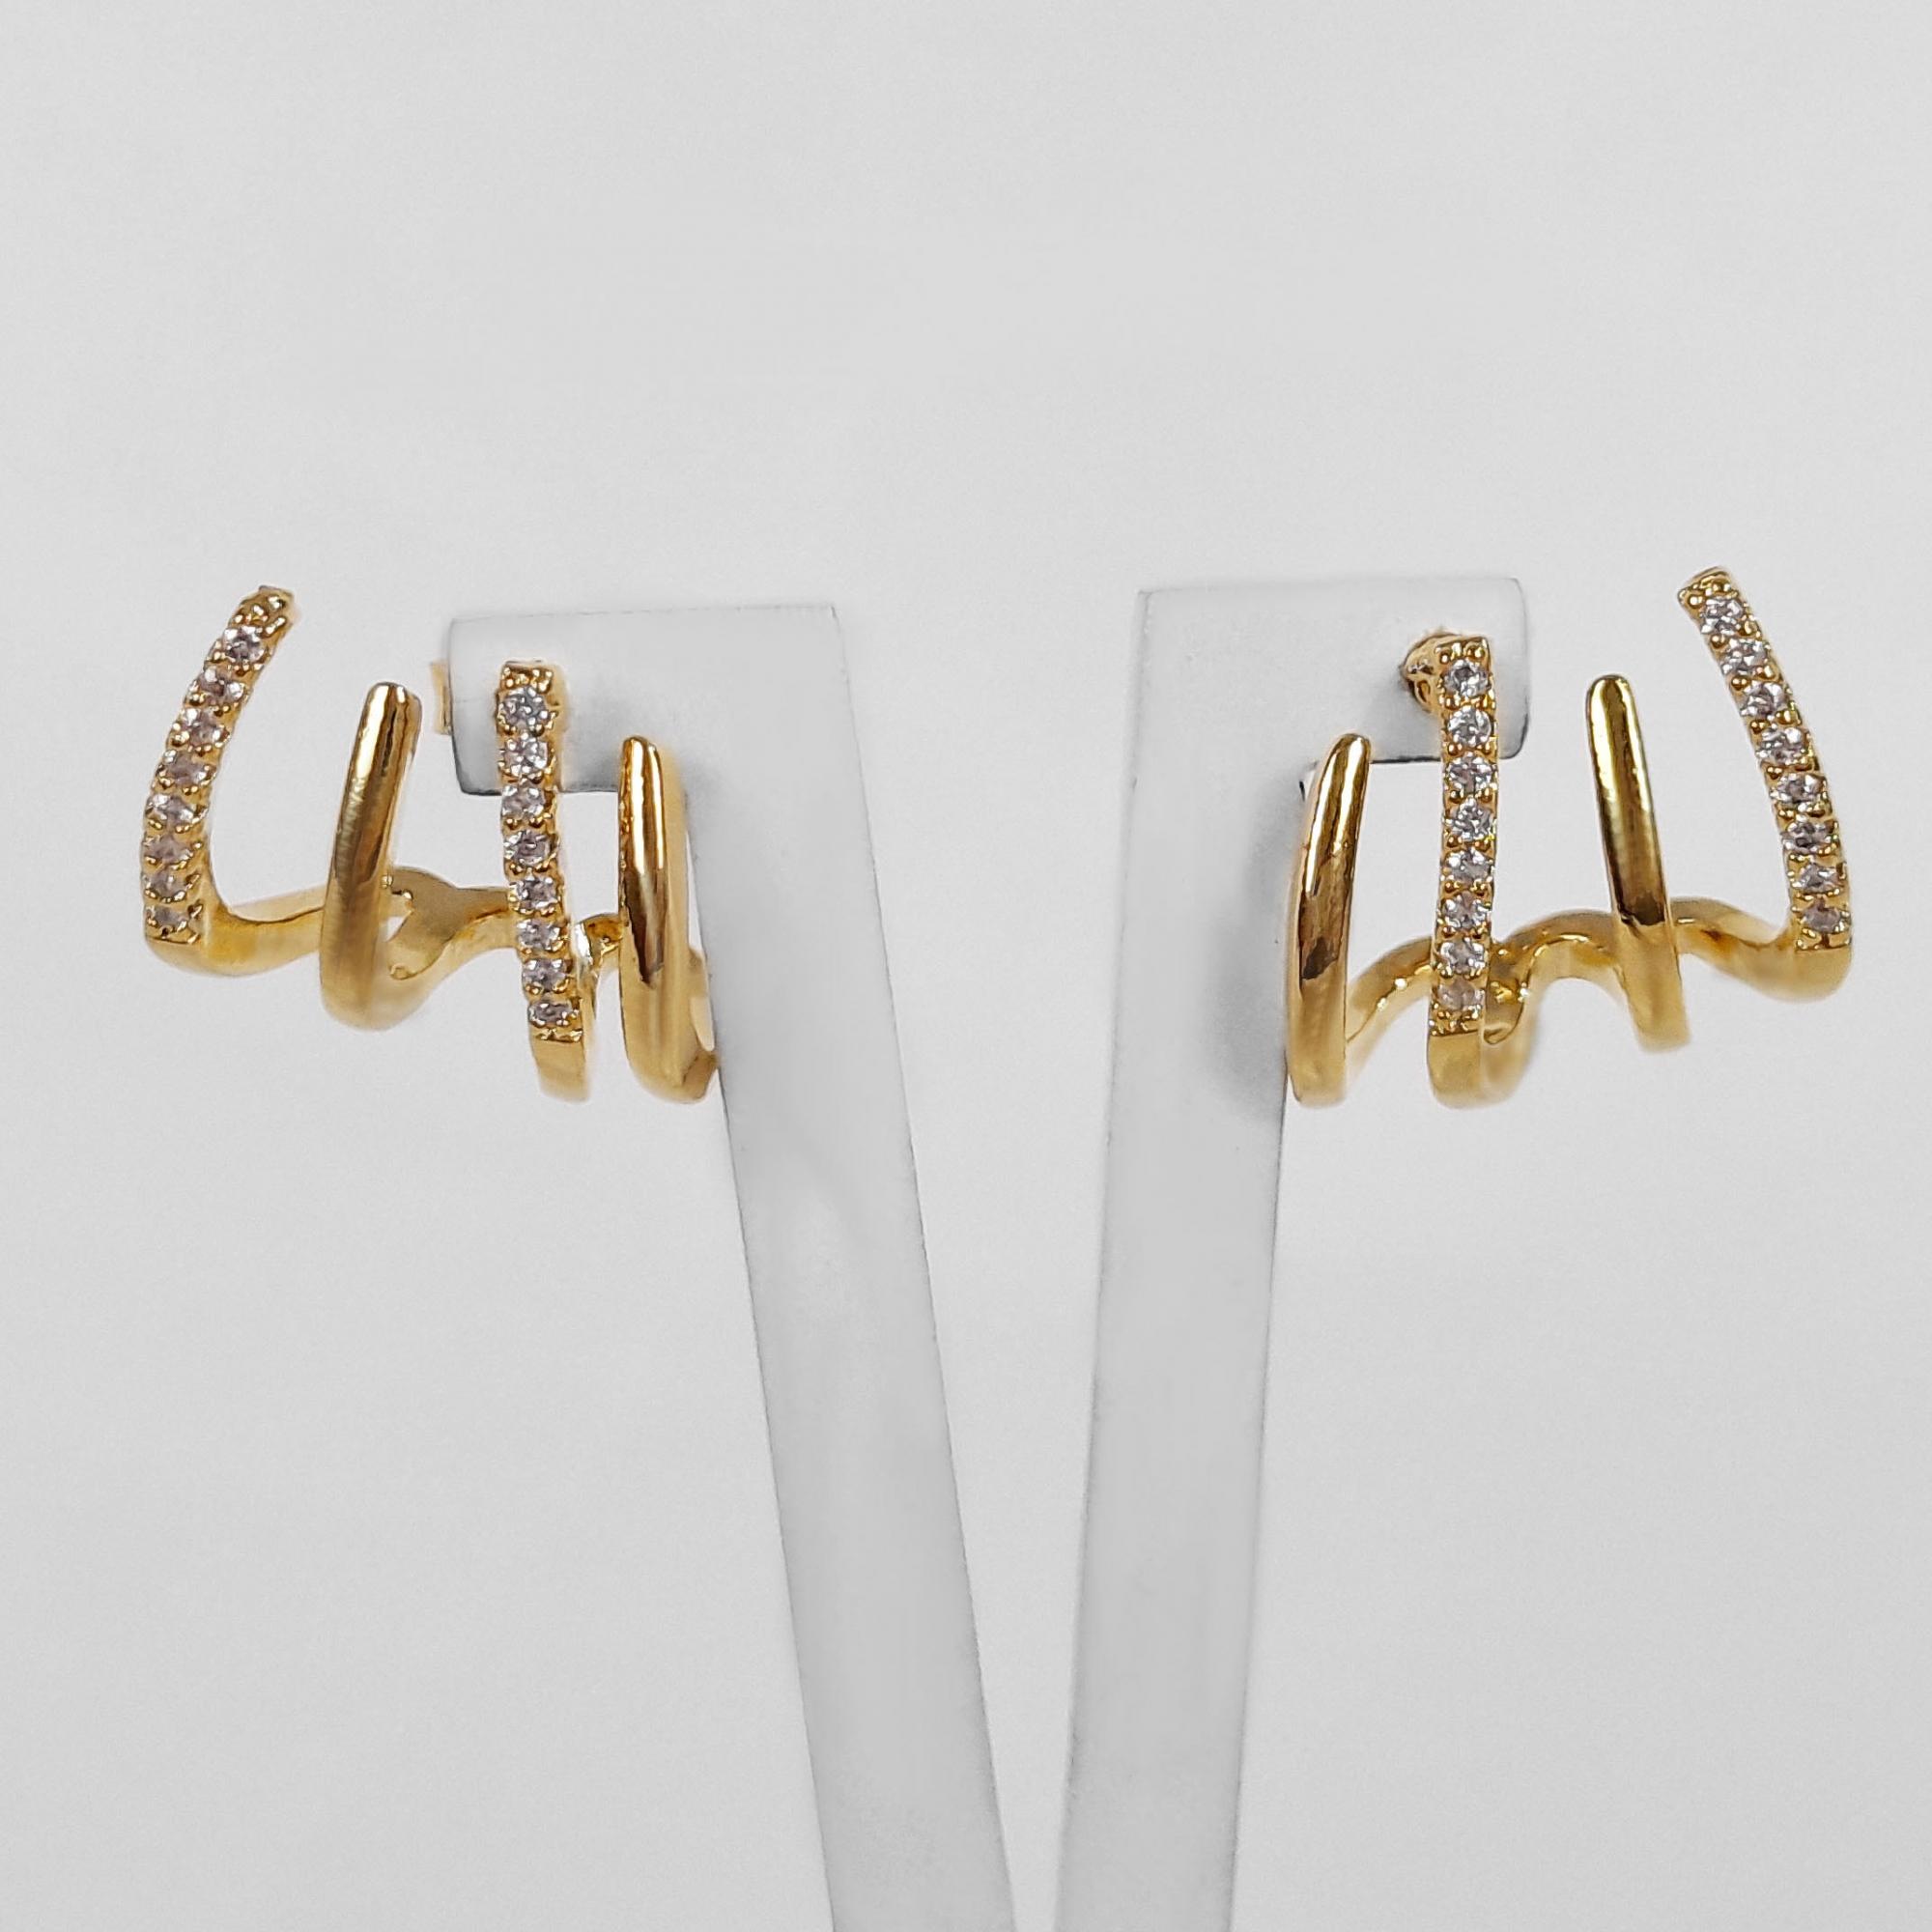 Brinco Ear Cuff 4 Fios com Micro Zircônias Folheado Ouro 18K  - Lunozê Joias